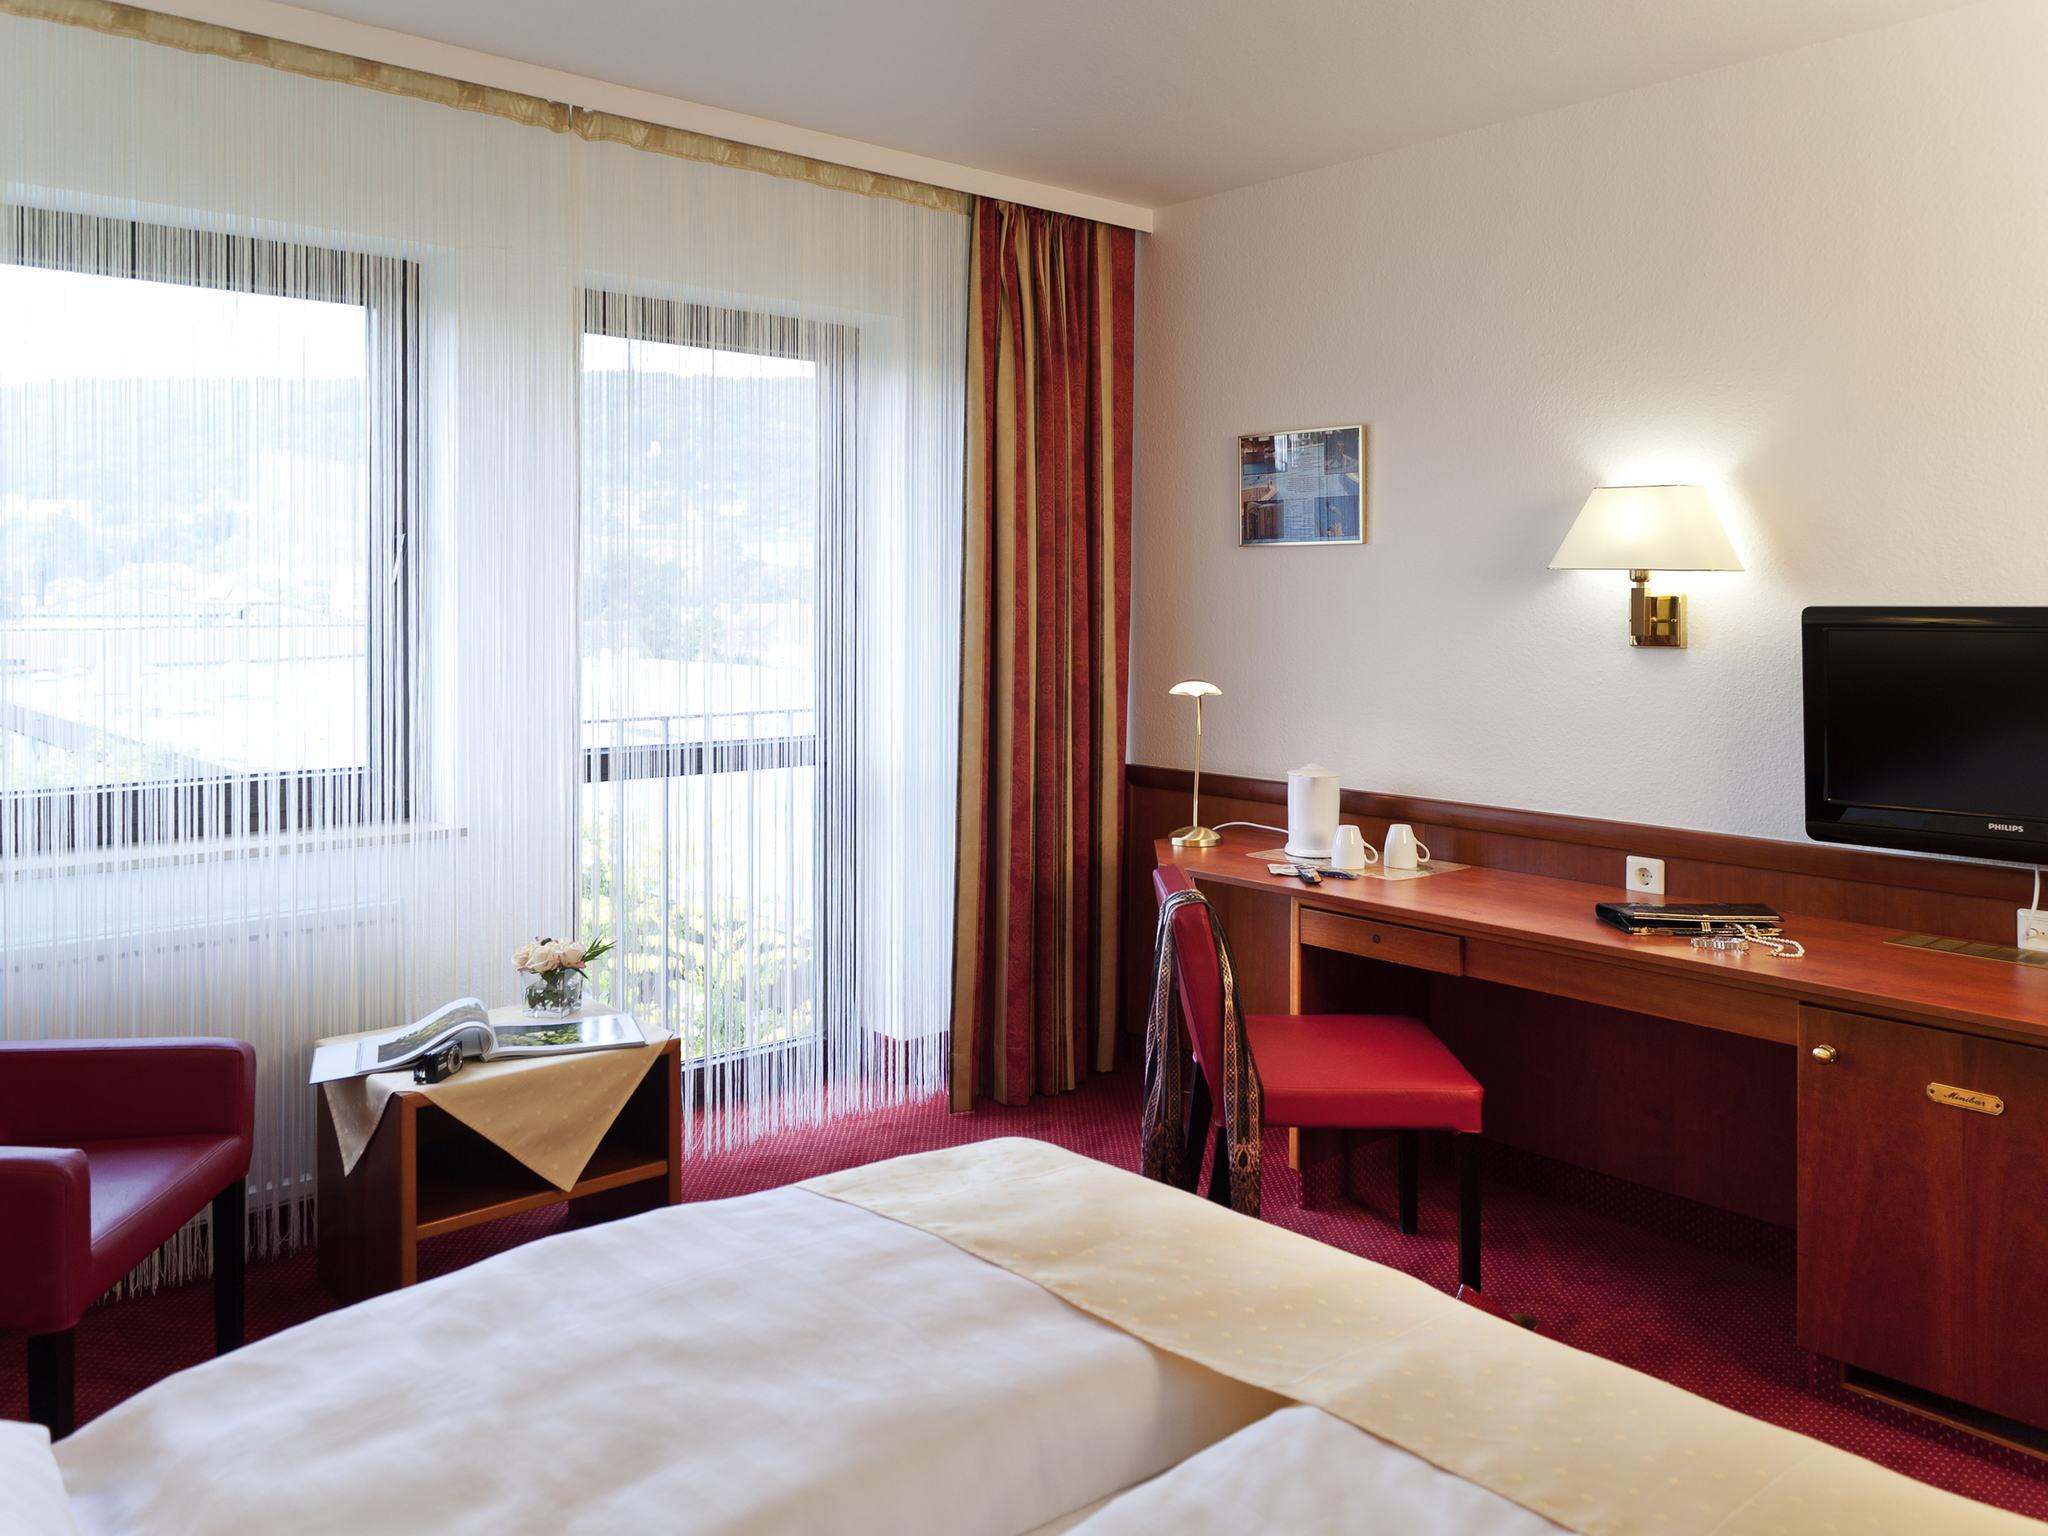 4 Sterne Hotel Bad Durkheim An Den Salinen Mercure